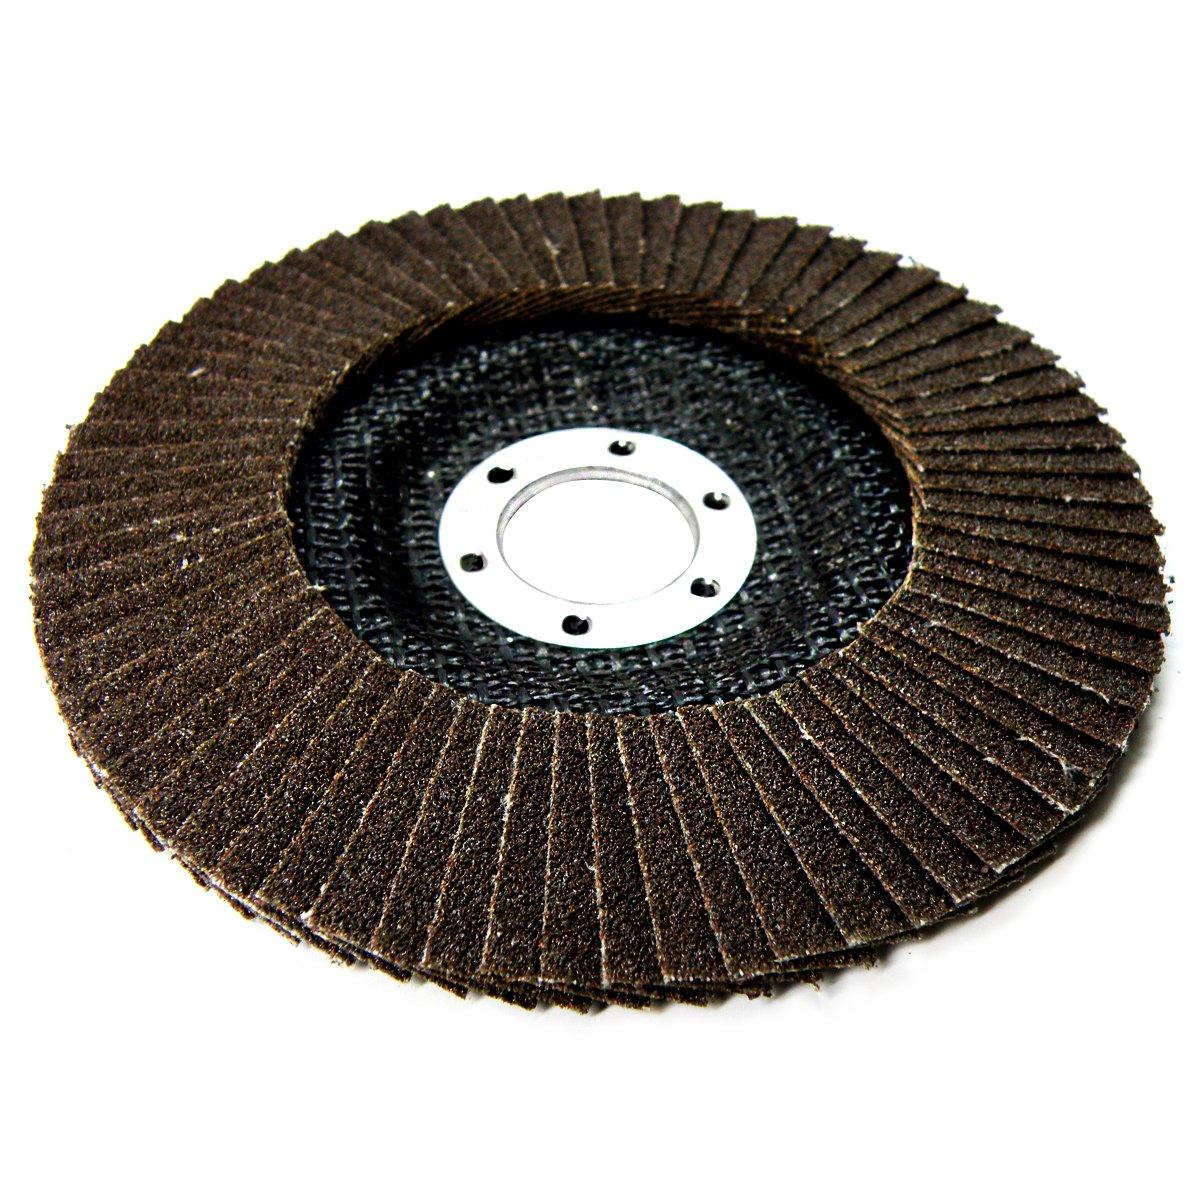 Grain 80 S/&R 10 Disque Abrasifs 125 /à Lamelles pour Meuleuse dAngle Lot 10 disques